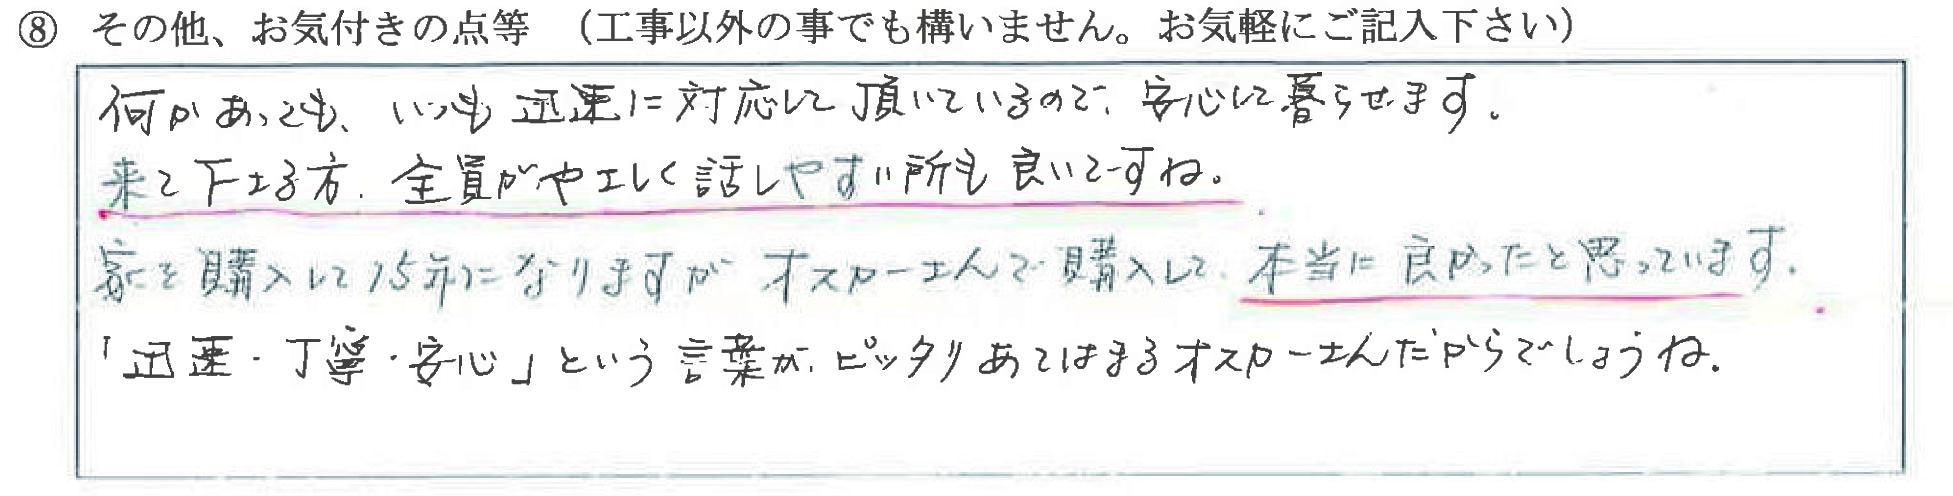 石川県金沢市 W様に頂いたトーションバー交換工事についてのお気づきの点がありましたら、お聞かせ下さい。というご質問について「トーションバー交換工事【  お喜びの声  】」というお声についての画像